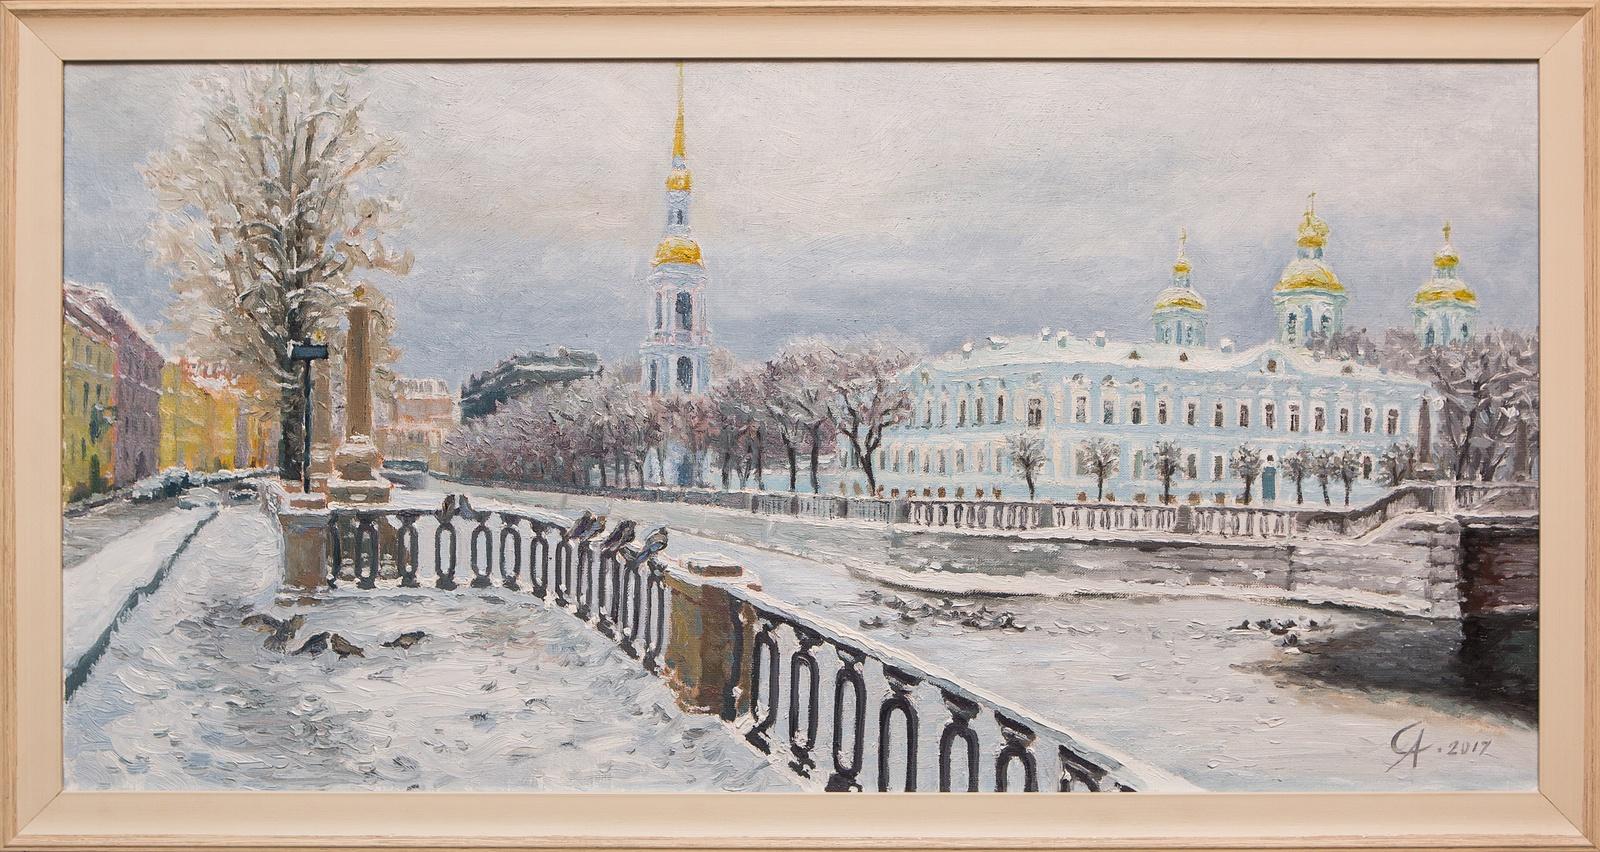 Картина маслом Никольский собор. Зима Степанков картина маслом биржа степанков